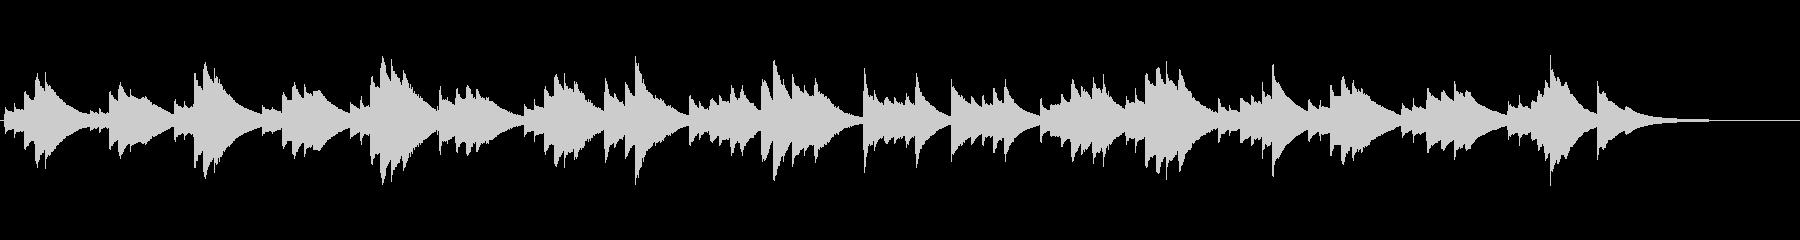 【オルゴール】爽やか/朝/波/透明感の未再生の波形